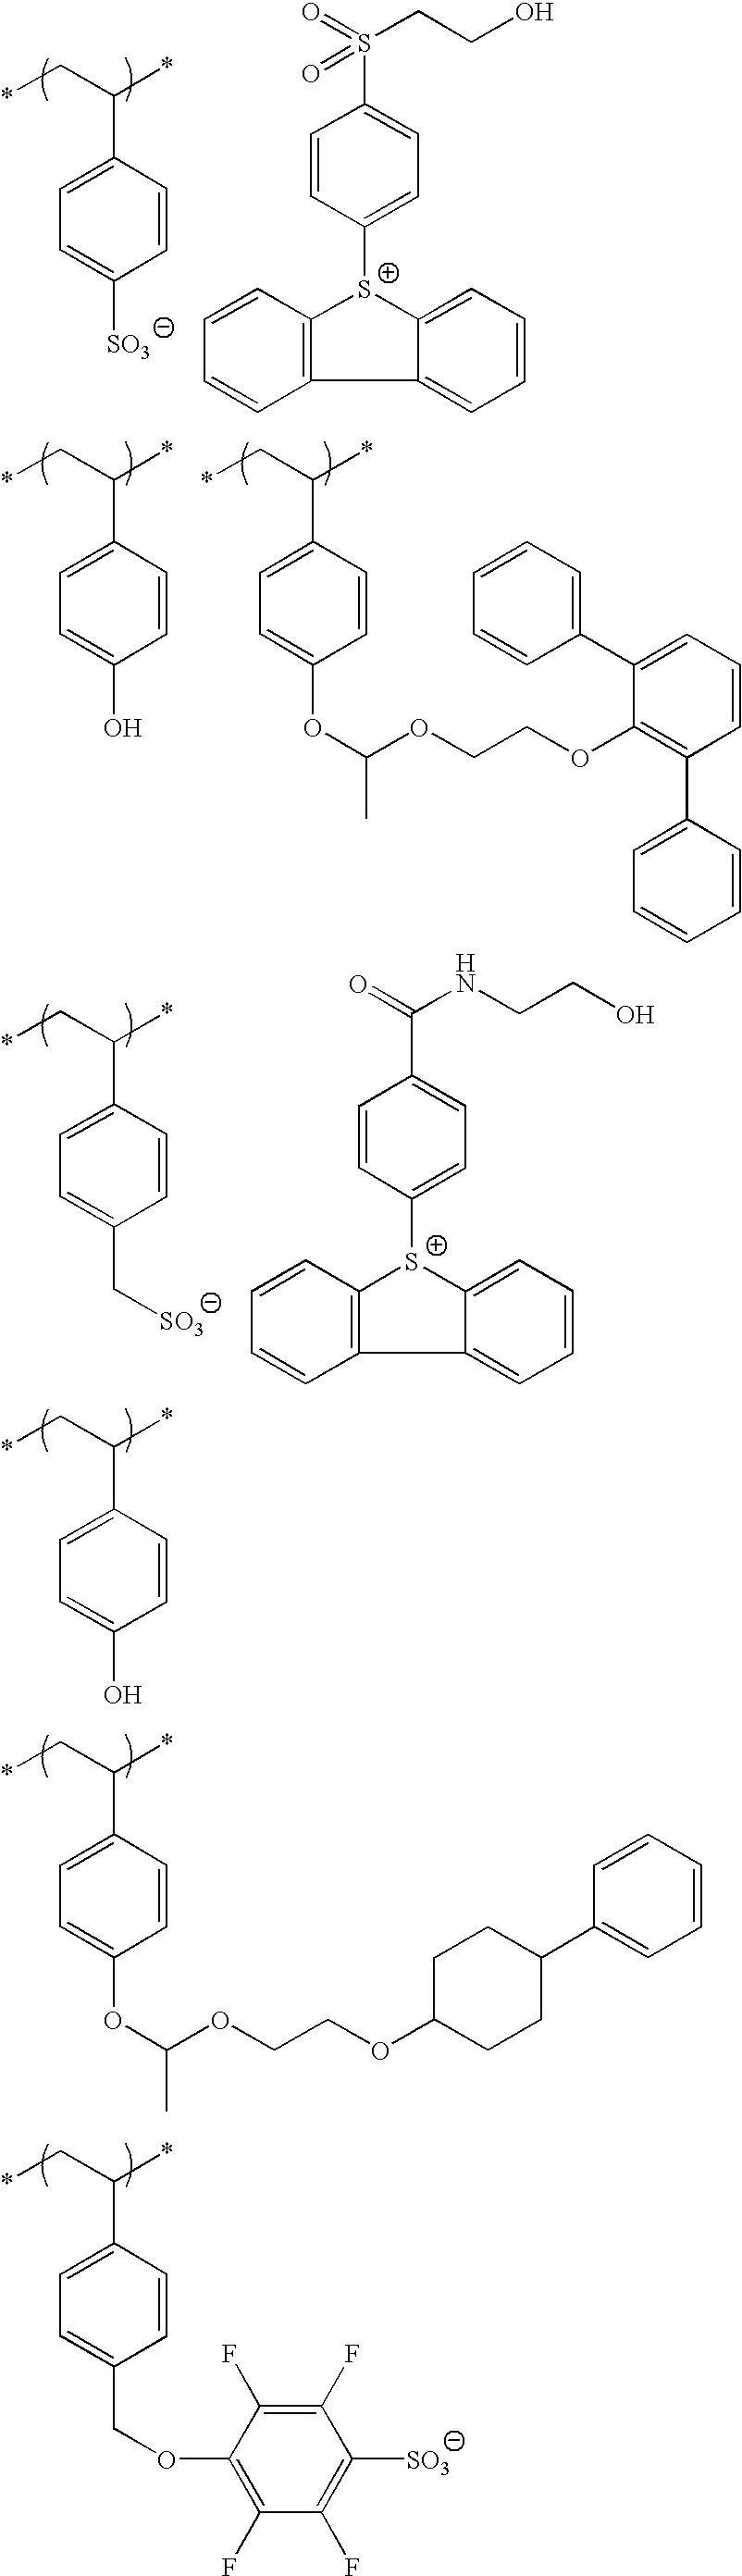 Figure US20100183975A1-20100722-C00167